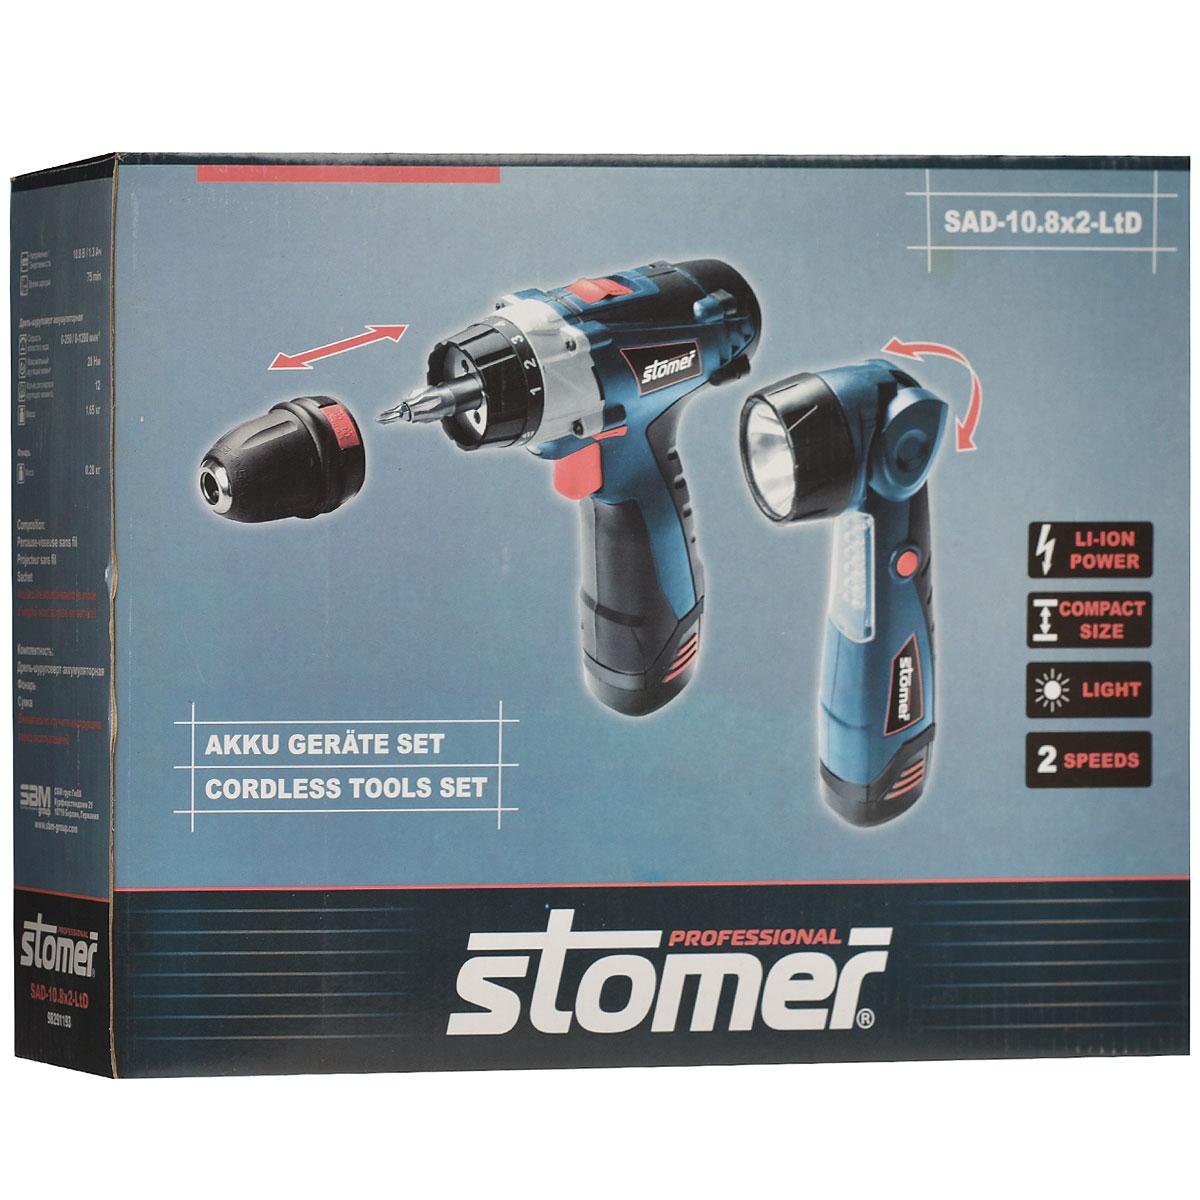 Набор аккумуляторных инструментов STOMER, 3 предмета98291193В быту пользоваться шуруповертом приходится не так часто, а вот фонариком гораздо чаще. Чаще всего, требуется отдельно покупать аккумулятор для шуруповерта и отдельно для фонаря. Сэкономить на этом, можно купив набор аккумуляторных инструментов Stomer SAD-10,8x2-LtD, ведь у них унифицированный аккумулятор. В комплекте идет компактный, профессиональный шуруповерт со съемным патроном. Съемный патрон дает возможность работать сразу с двумя насадками, например с битой и сверлом. Кроме того, сняв патрон, вы получаете очень компактный и легкий шуруповерт, который позволяет выполнять работы в стесненных условиях. Несмотря на компактные размеры шуруповерт обладает повышенным крутящим моментом (28 Нм) и энергоемким Li-on аккумулятором 1,3 Ач. Двухскоростной редуктор позволяет применять различные скорости к разным видам работ, например, пониженную - завинчивание, повышенную - сверление. При работе в темном месте вы не будете испытывать дискомфорт, так как у шуруповерта есть...